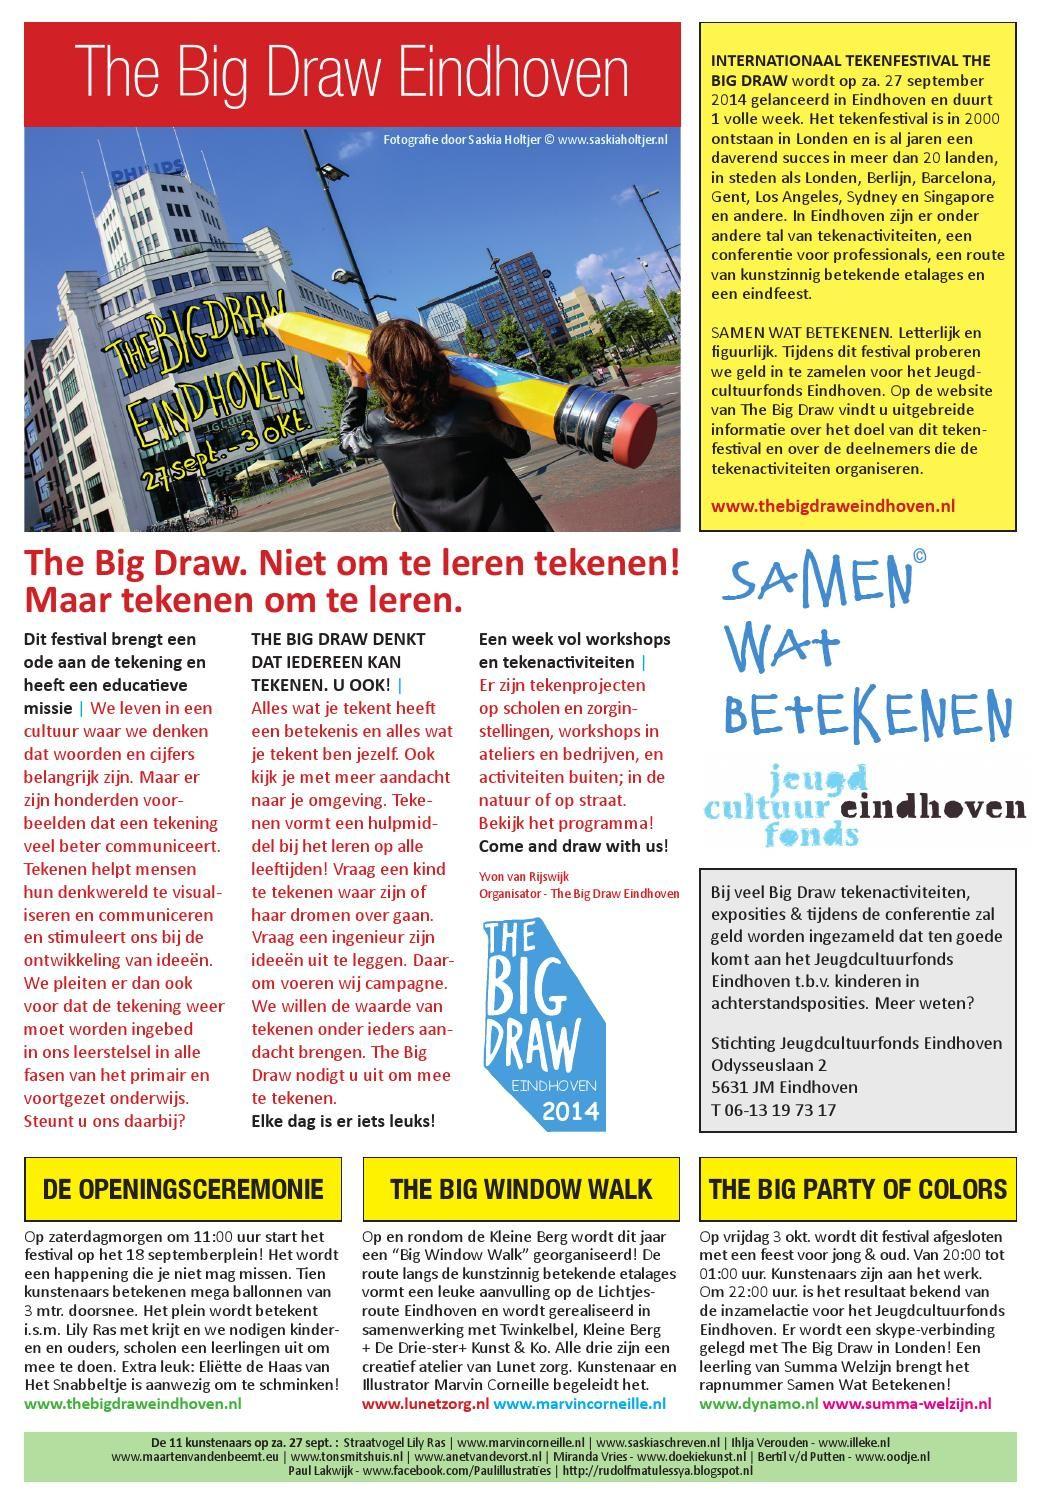 The Big Draw Eindhoven 2014 Programmafolder